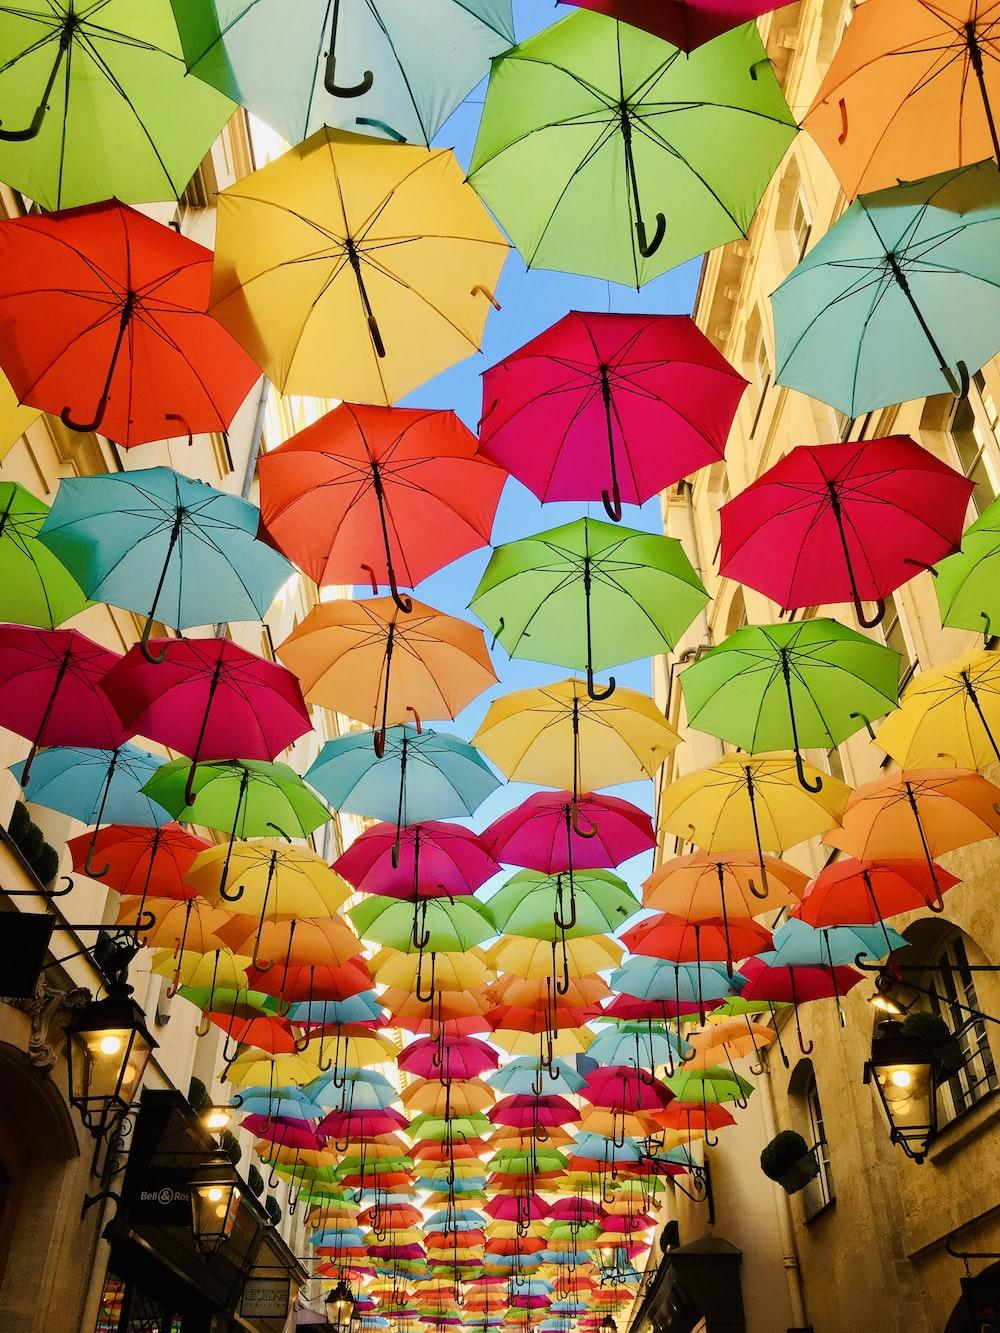 lot of umbrellas